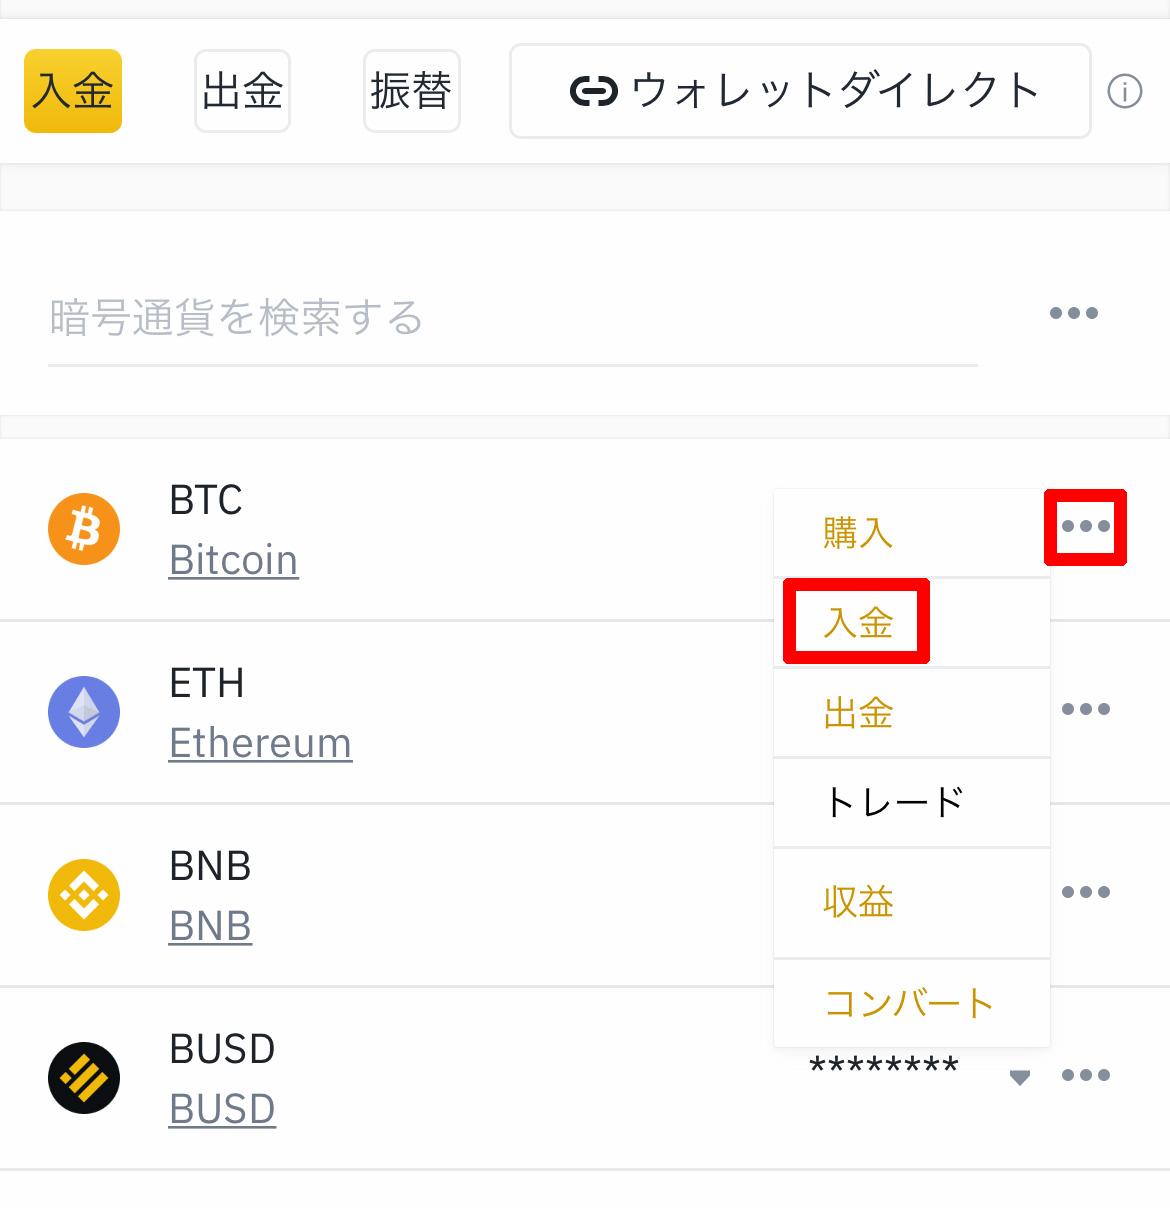 入金したい仮想通貨の右側に記載されている「・・・」のボタンをタップして「入金」をタップ